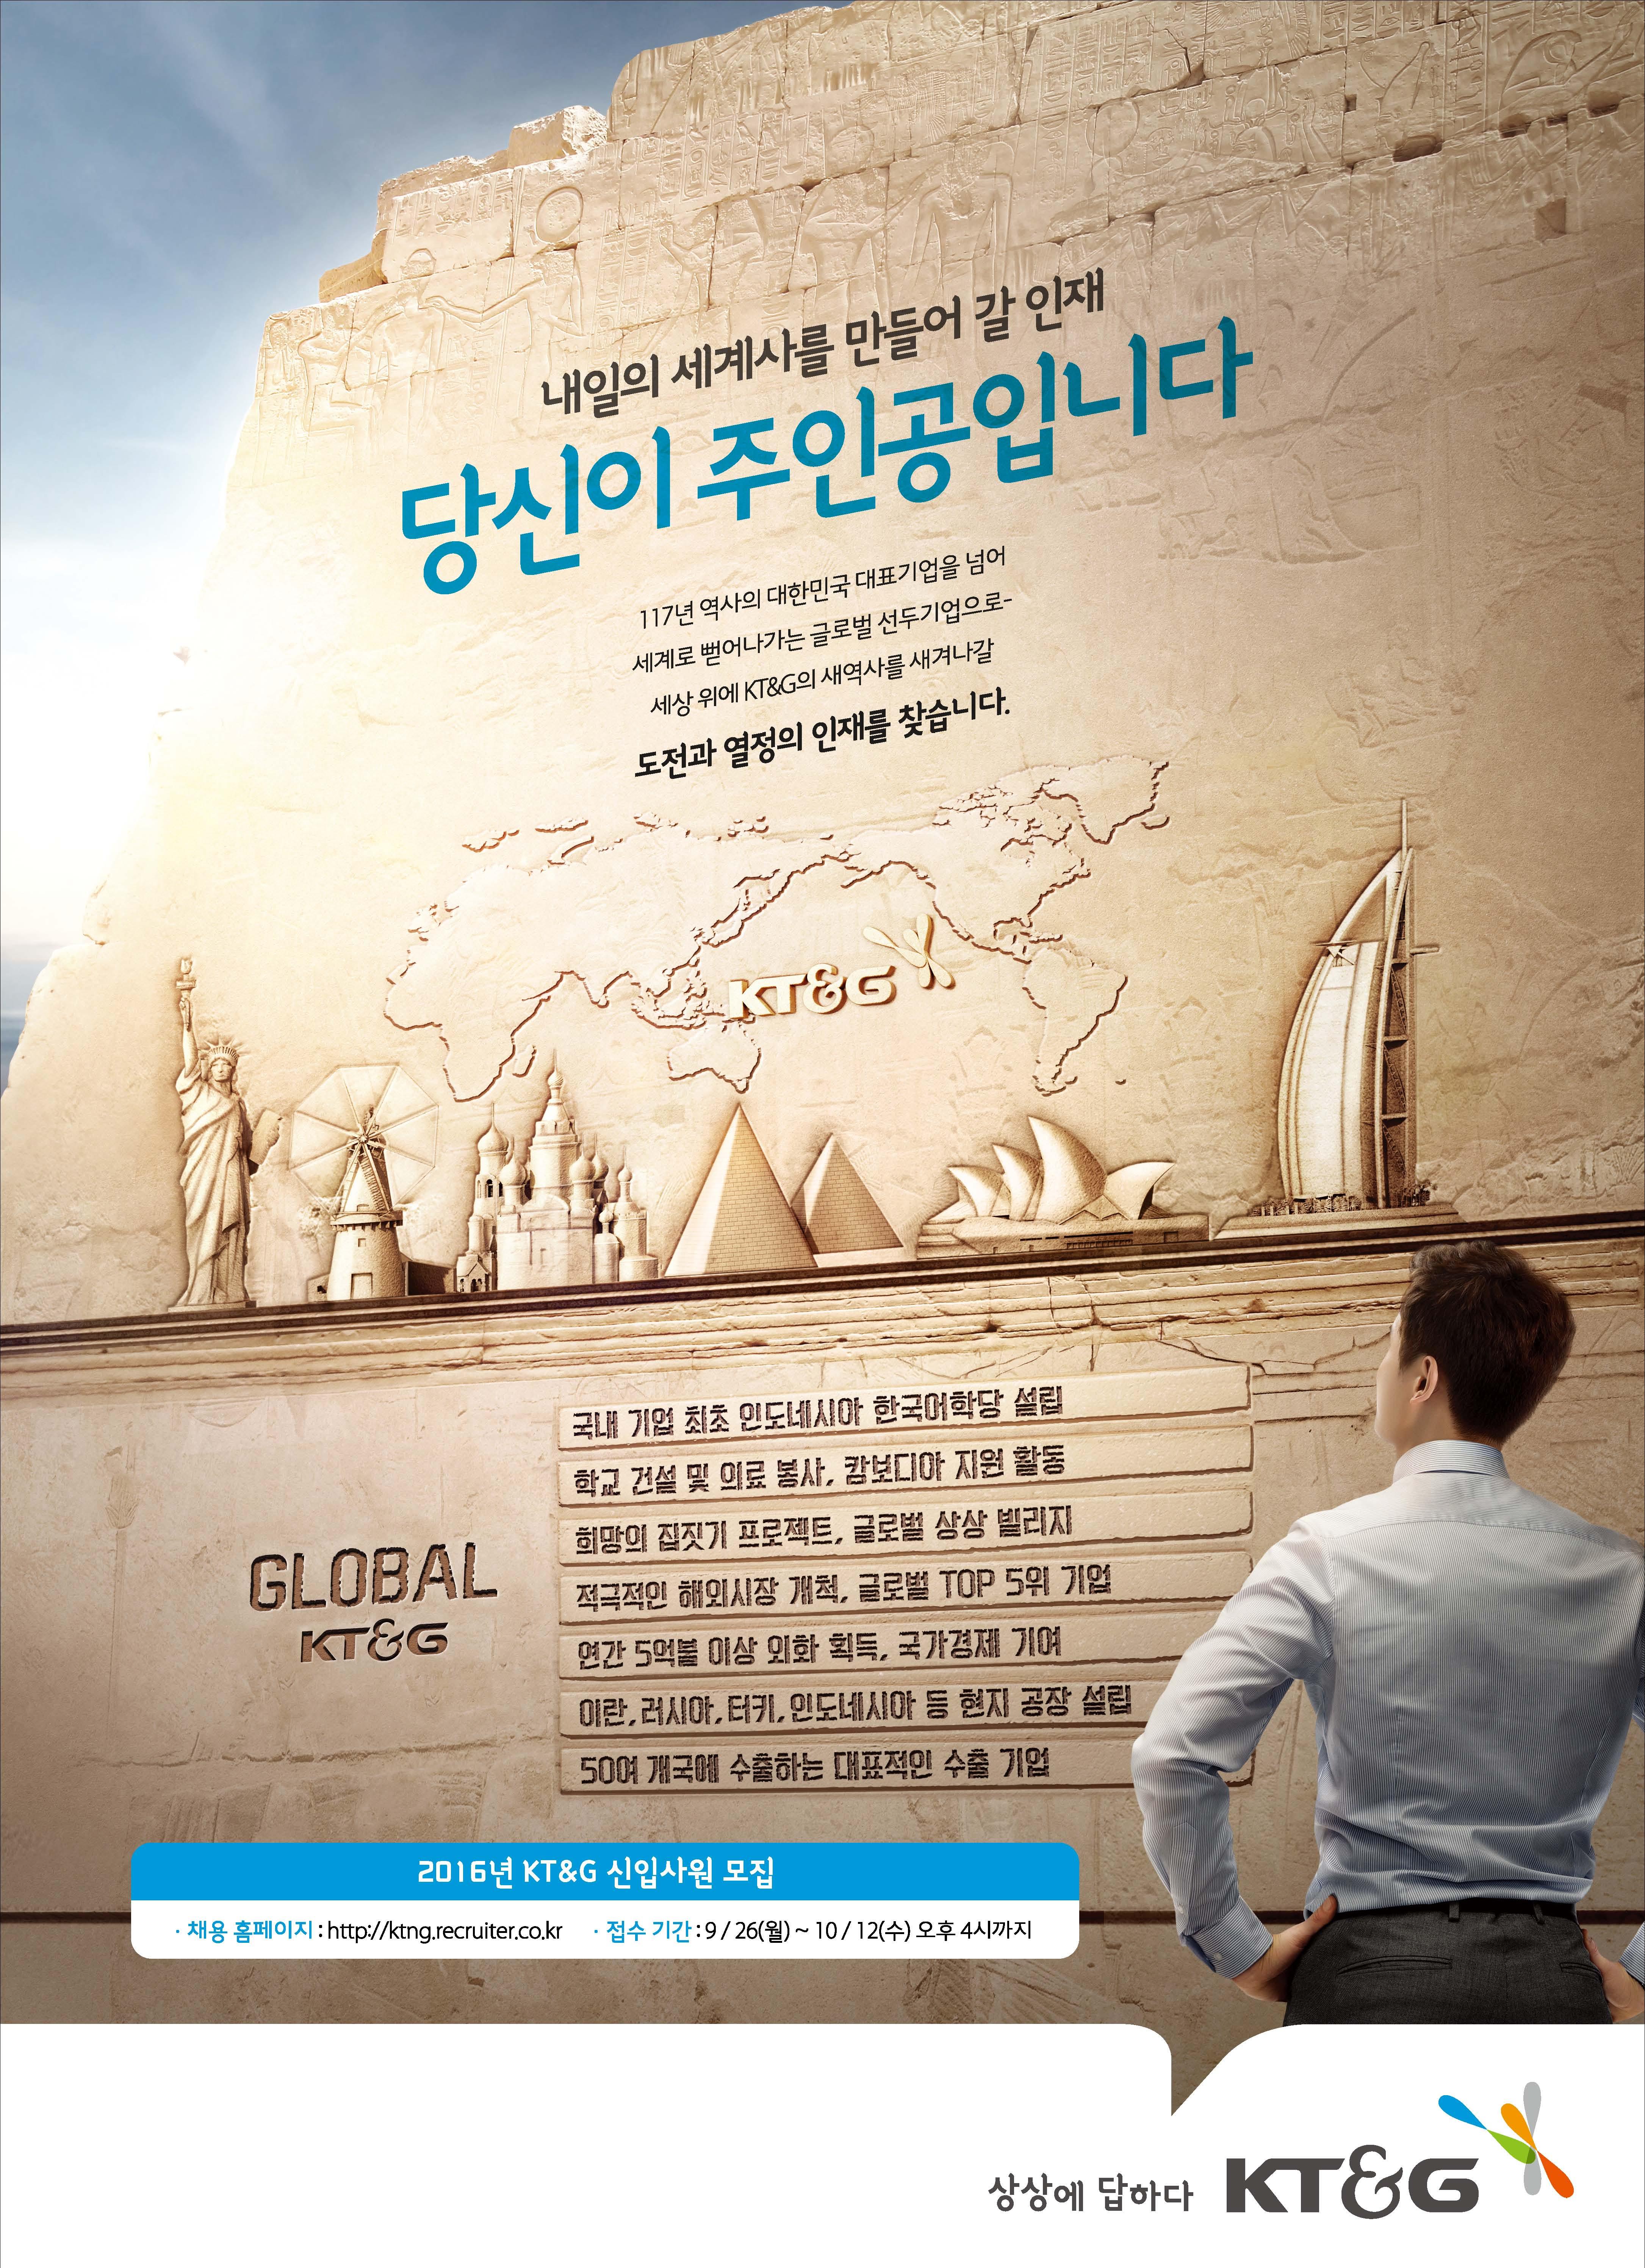 201609 KT&G 인재채용 광고